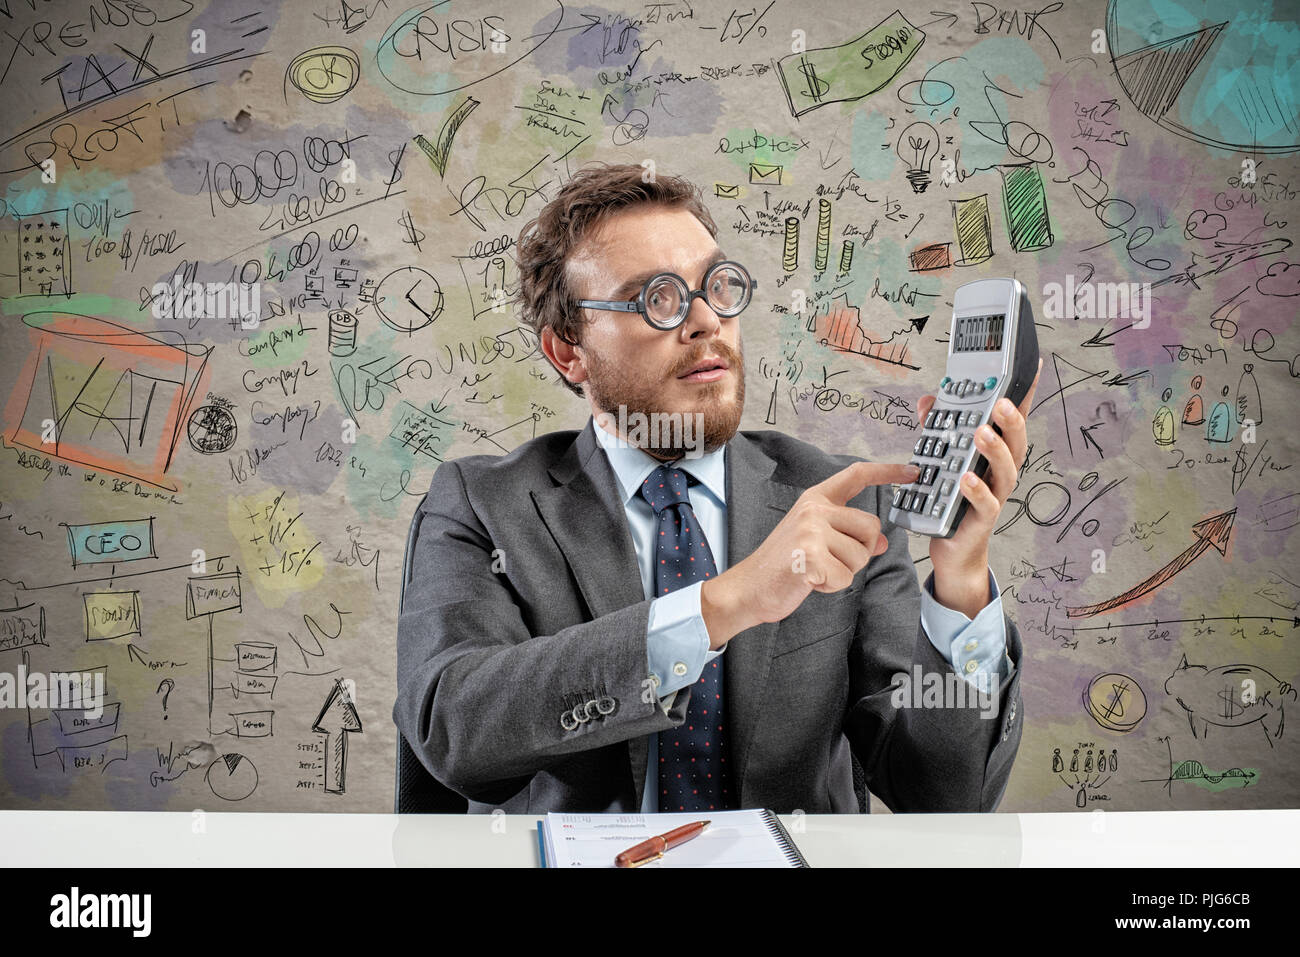 Nerd ragioniere fa il calcolo delle entrate di un'azienda Immagini Stock